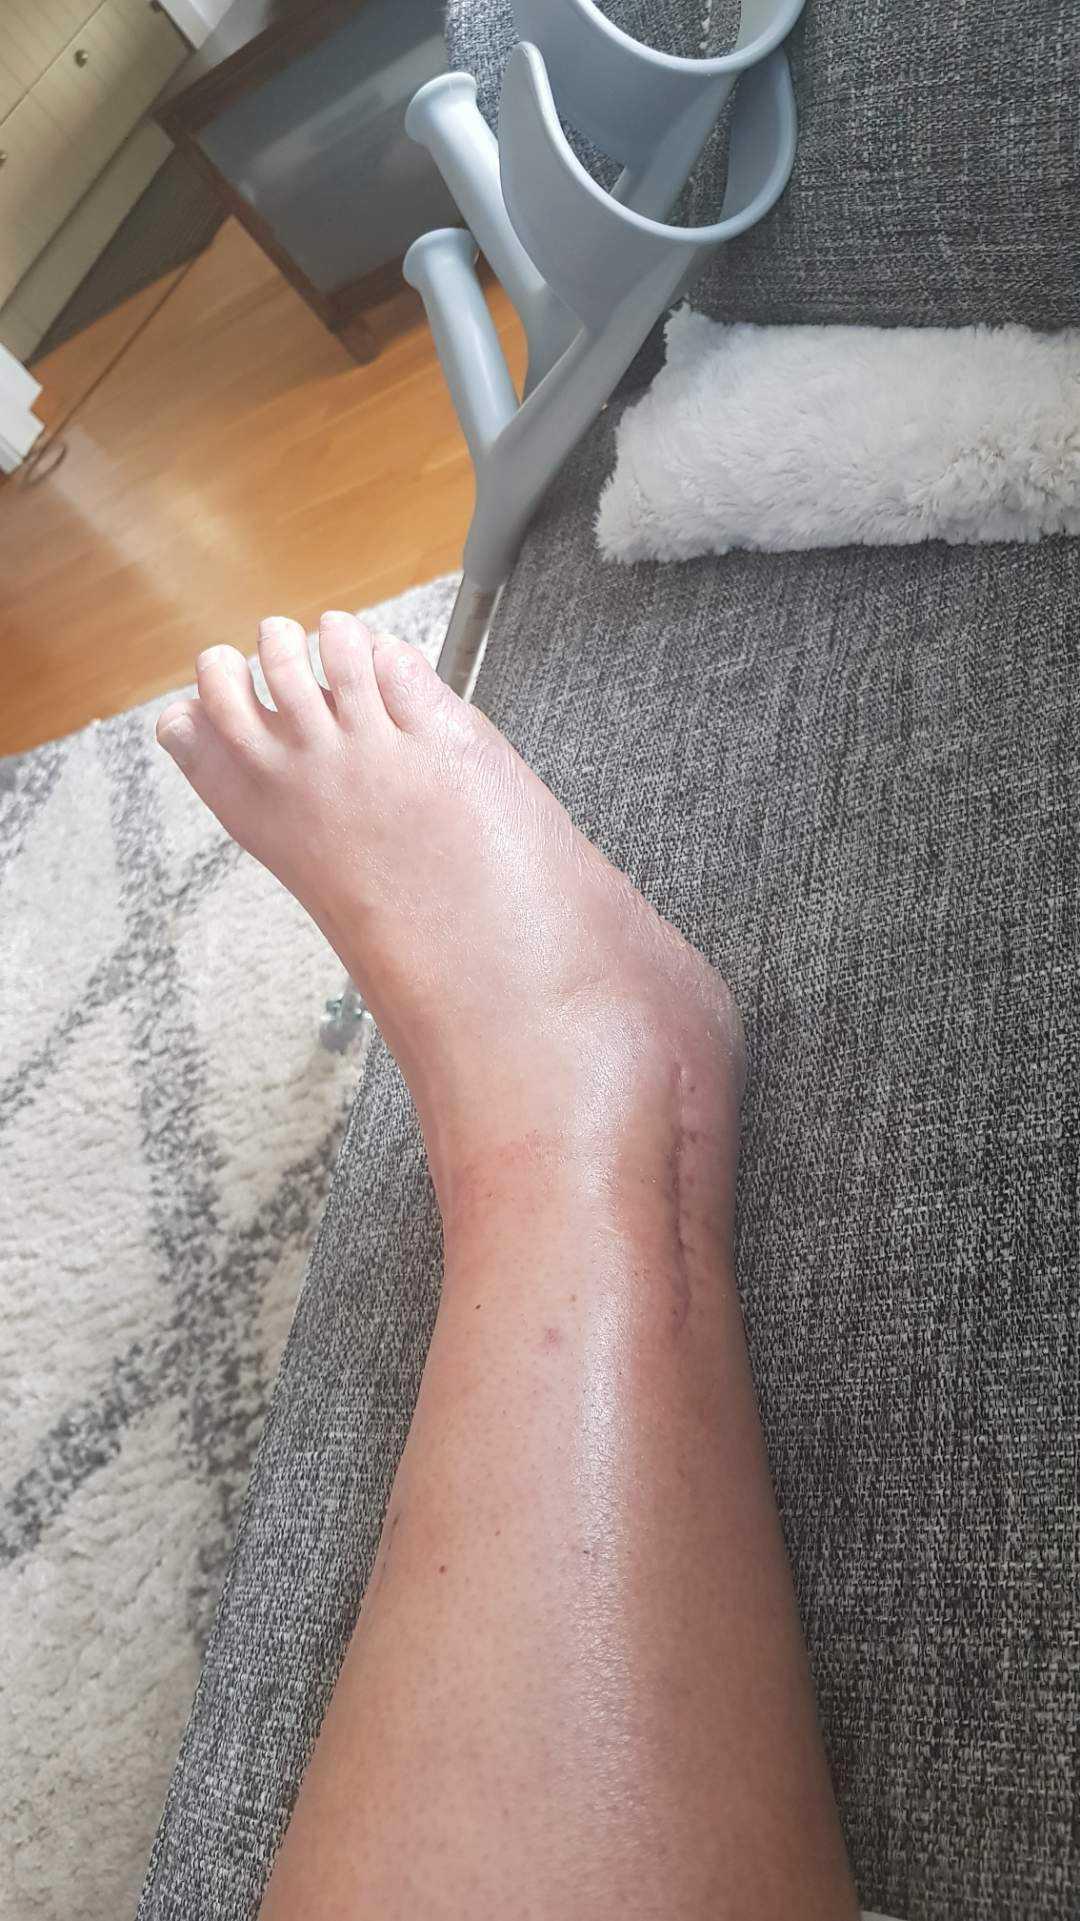 Förutom fotleden bröt Carina benet på två ställen.